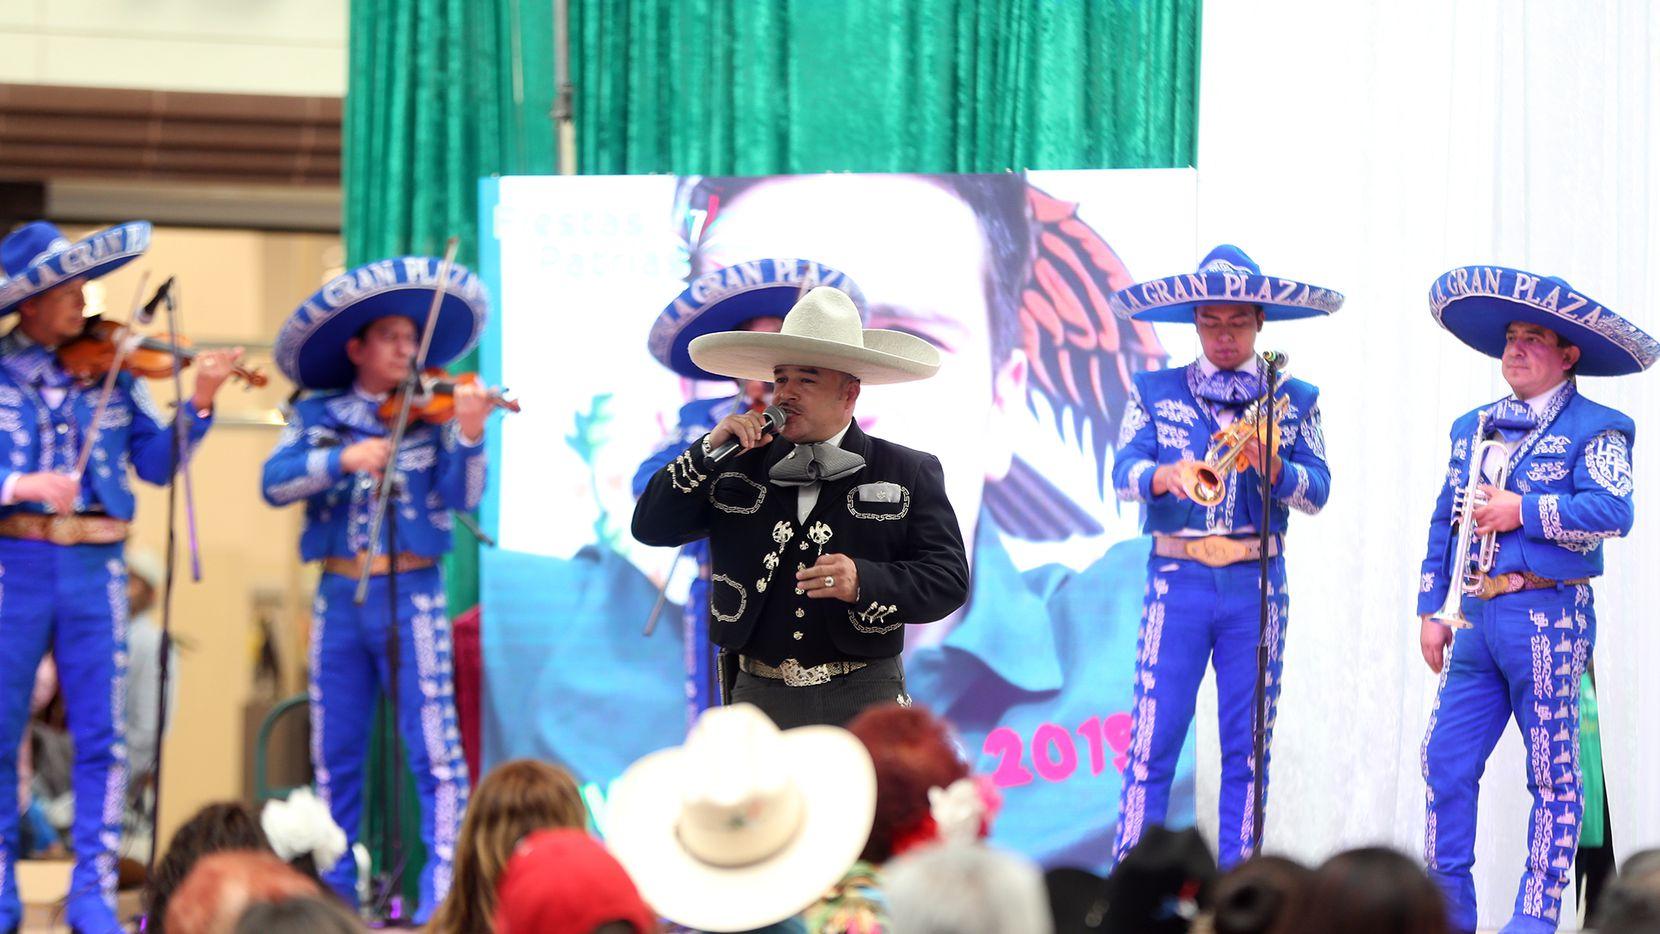 Los mariachis son parte de la cultura de Dallas y Fort Worth, pero debido a la pandemia están con muy poco trabajo.